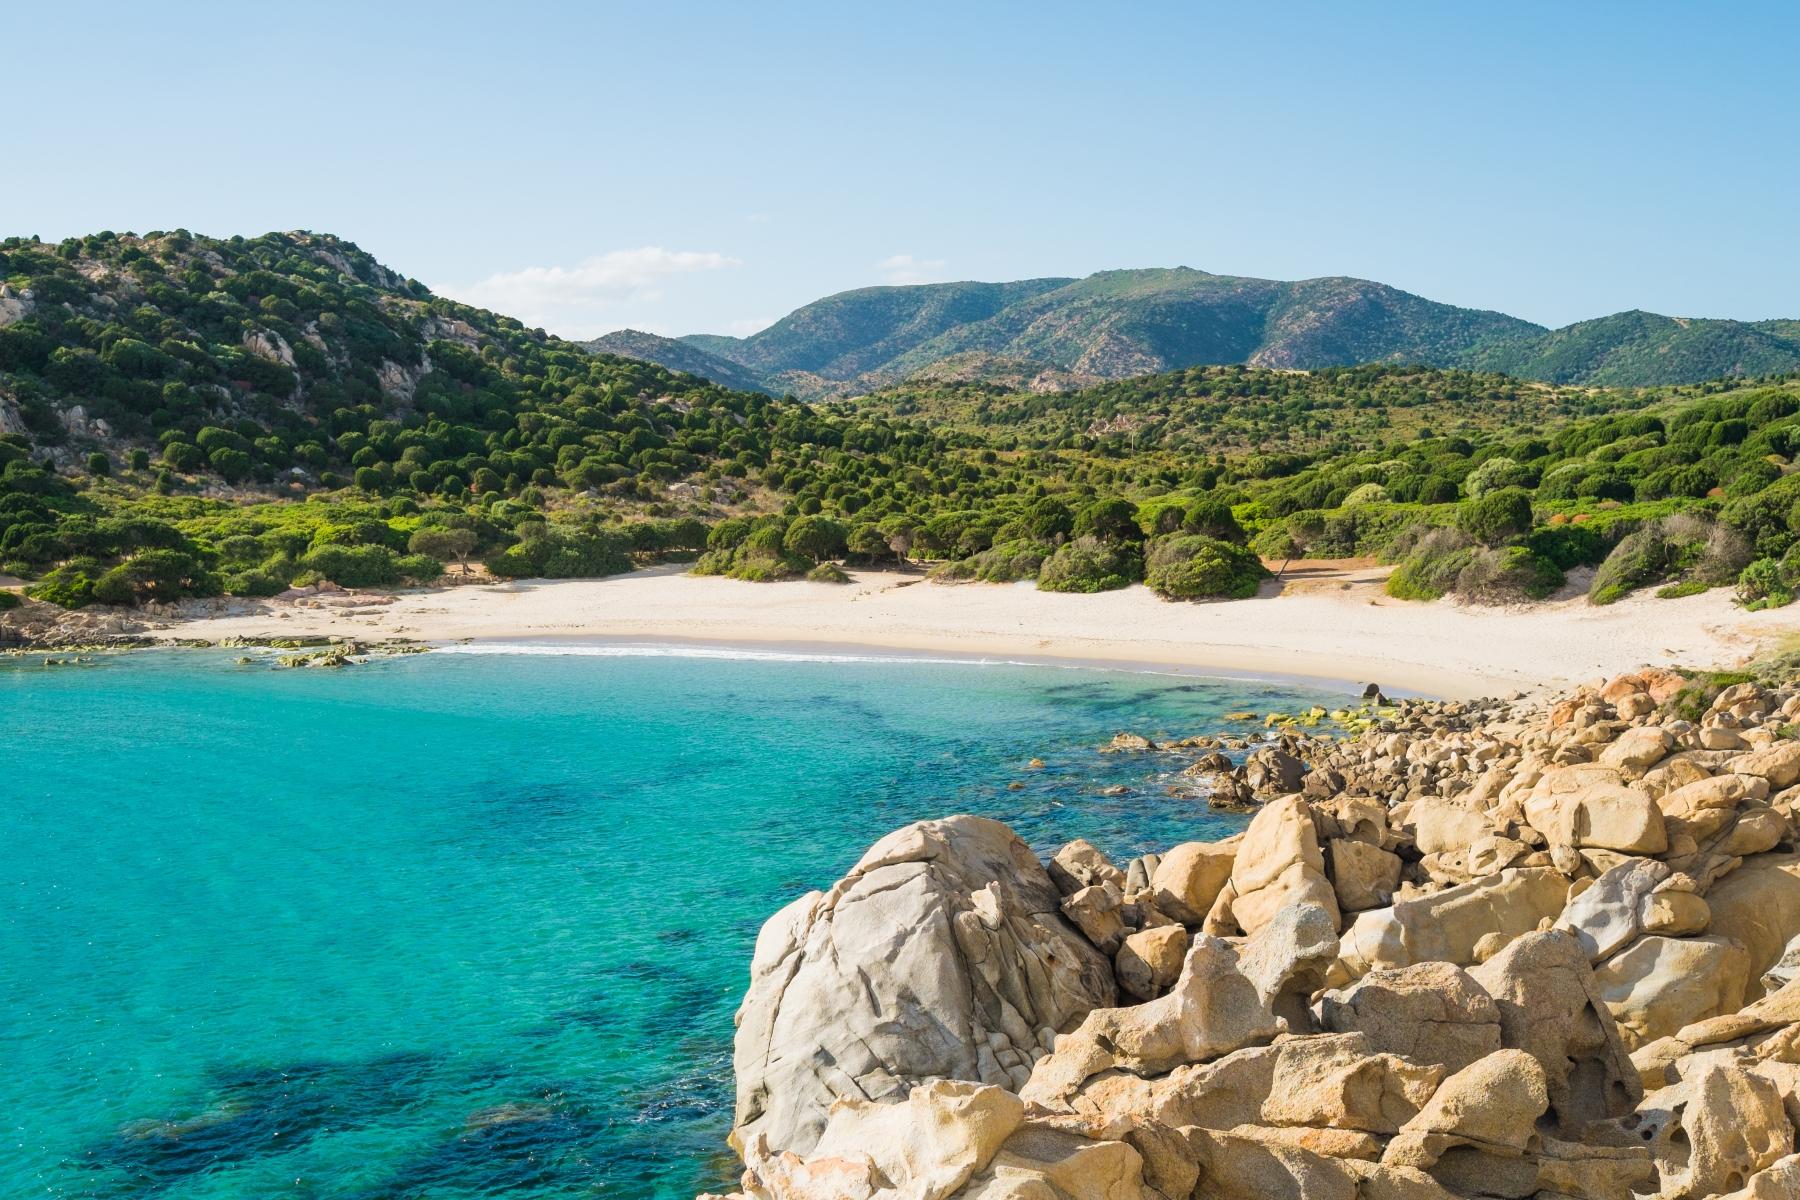 Deux français risquent la prison pour vol de sable en Sardaigne !